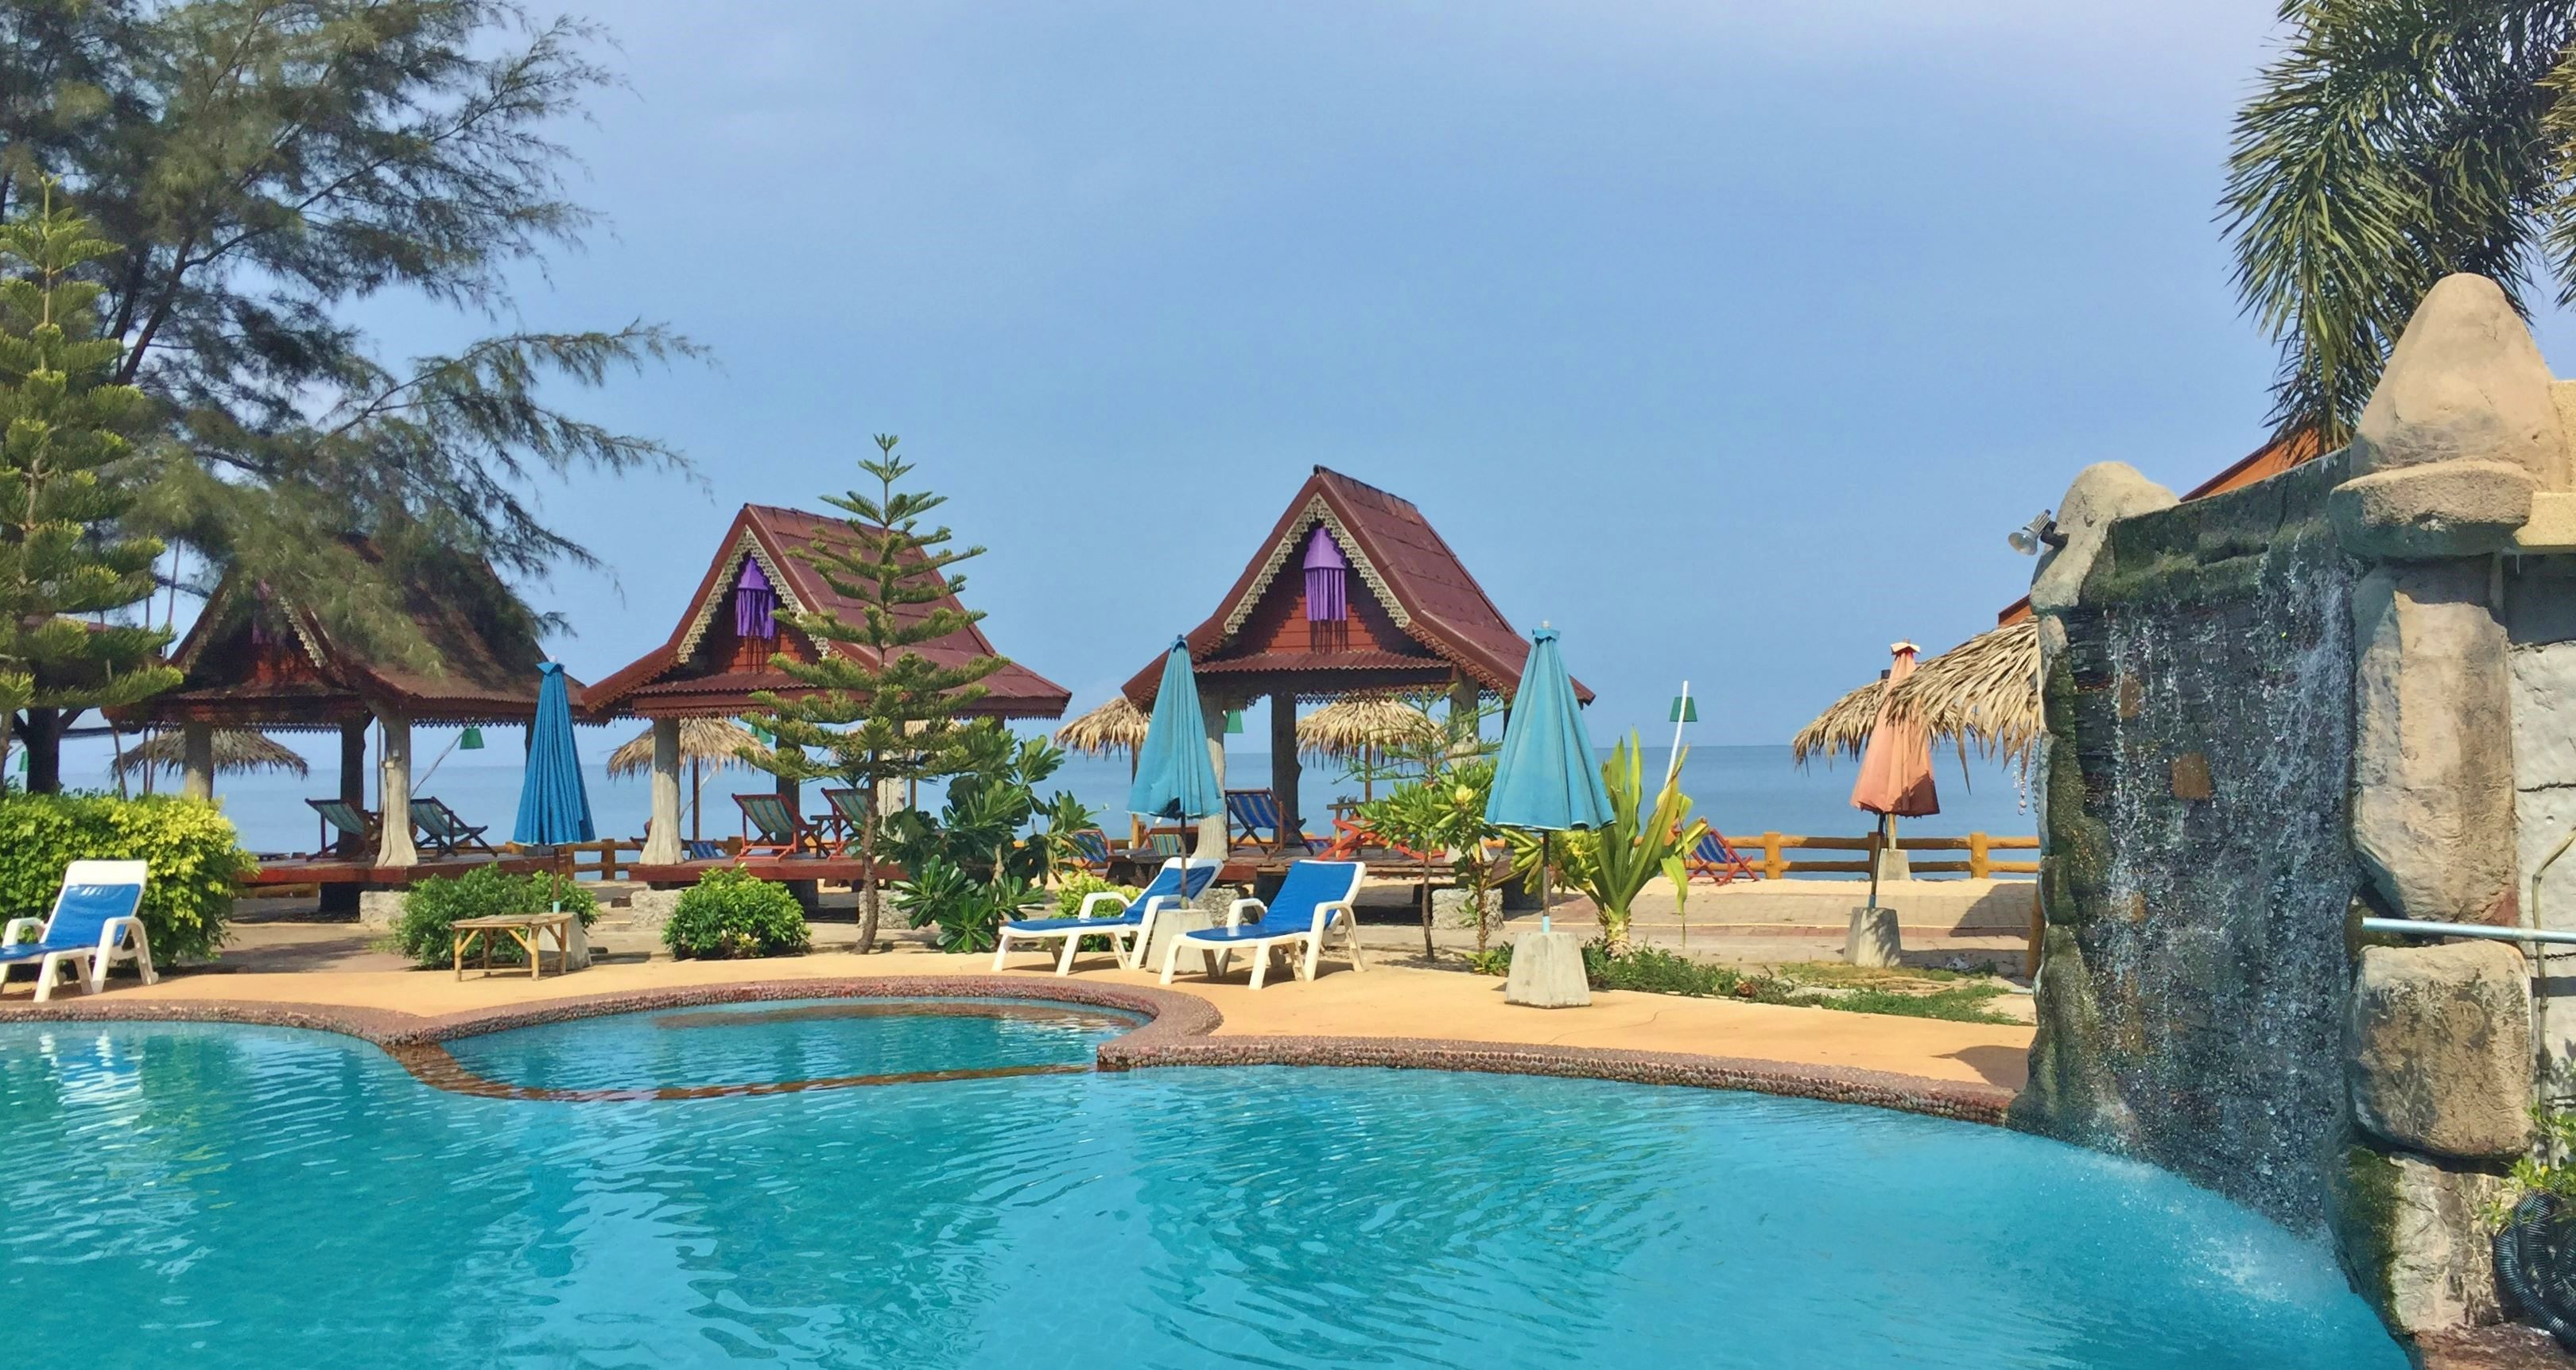 Koh Lanta Blue Andaman beach hotel based at Klong Khong